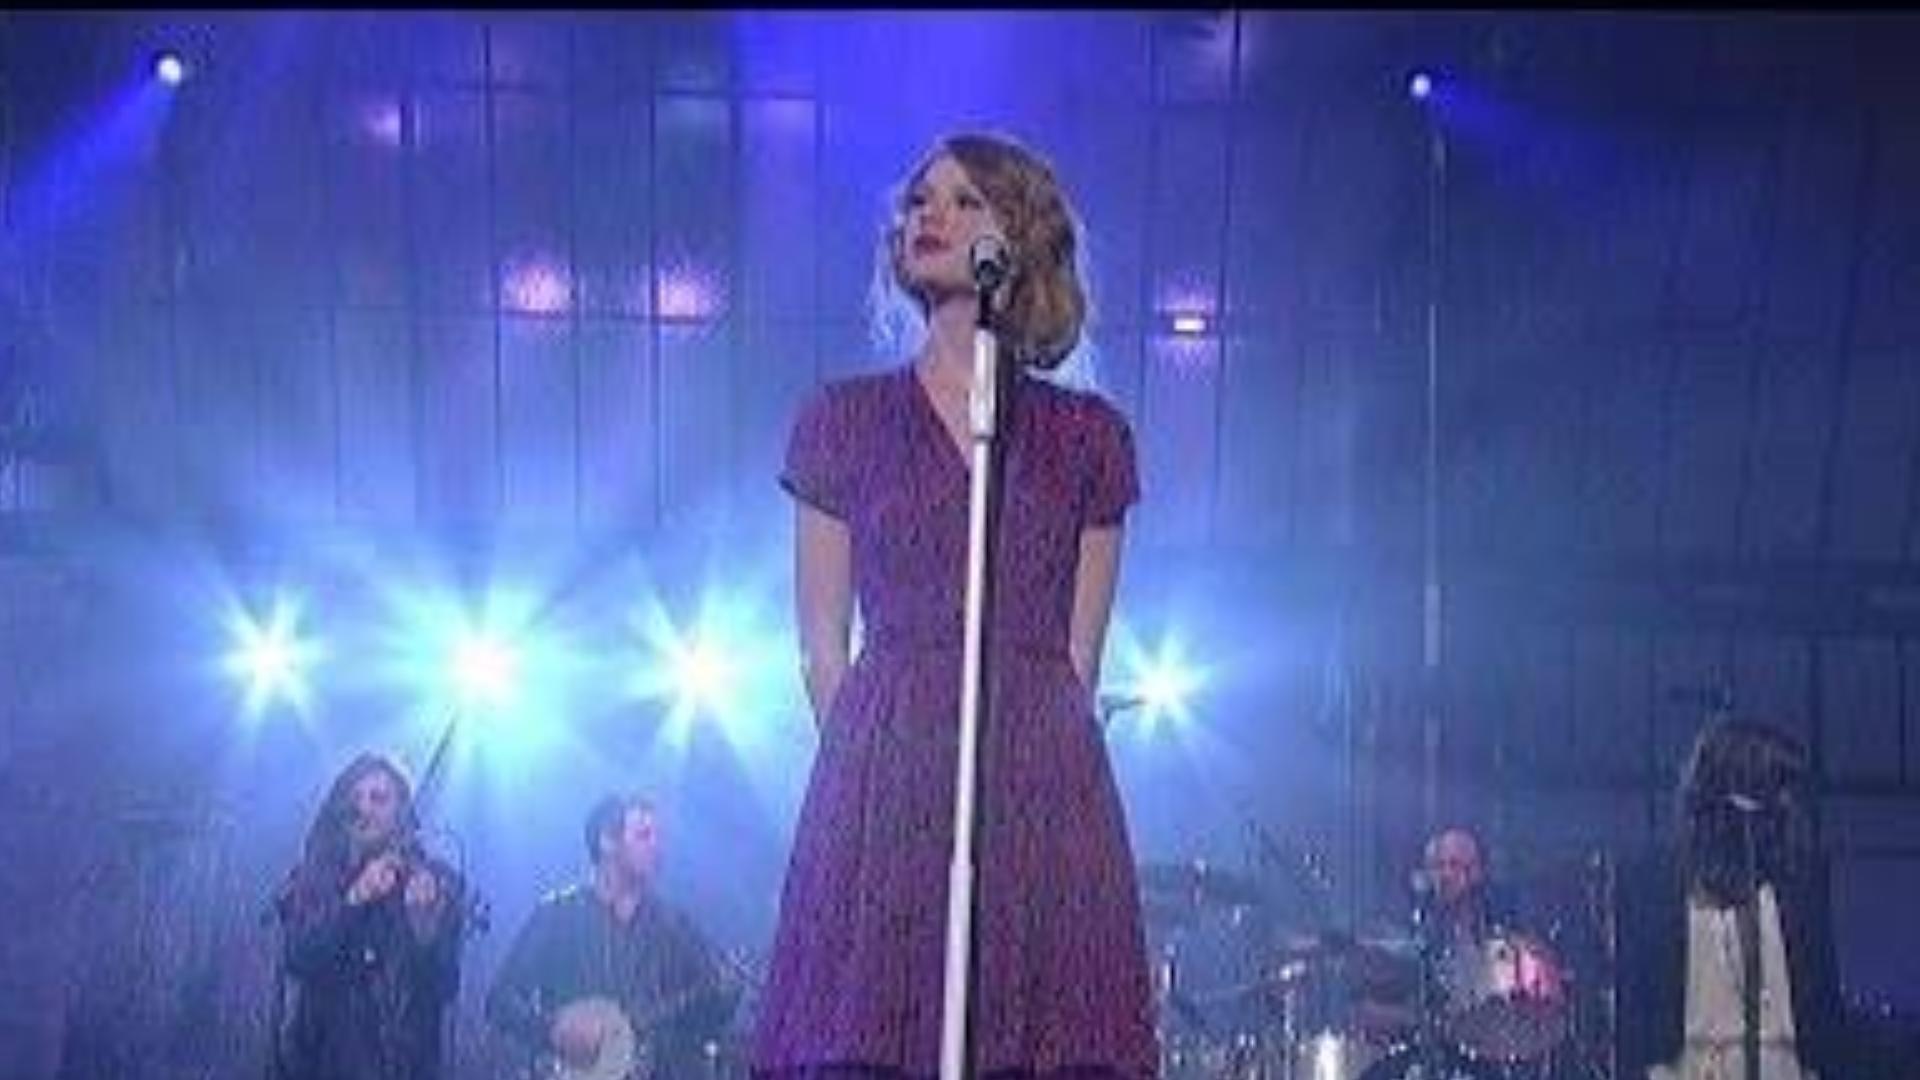 重温经典Taylor Swift 重新演绎大热单曲《Love Story》